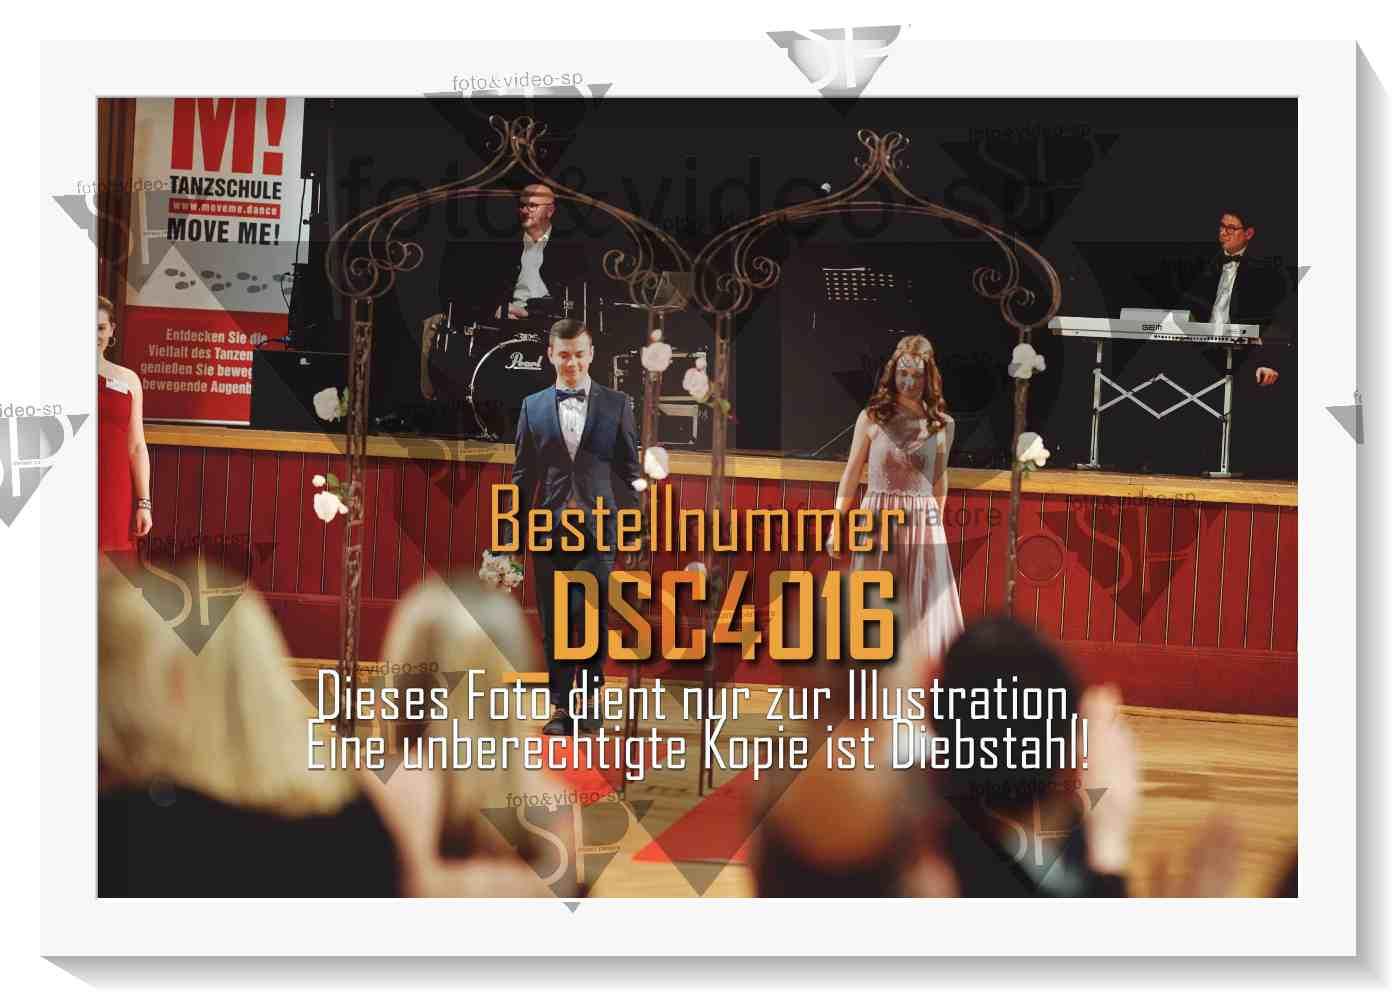 DSC4016